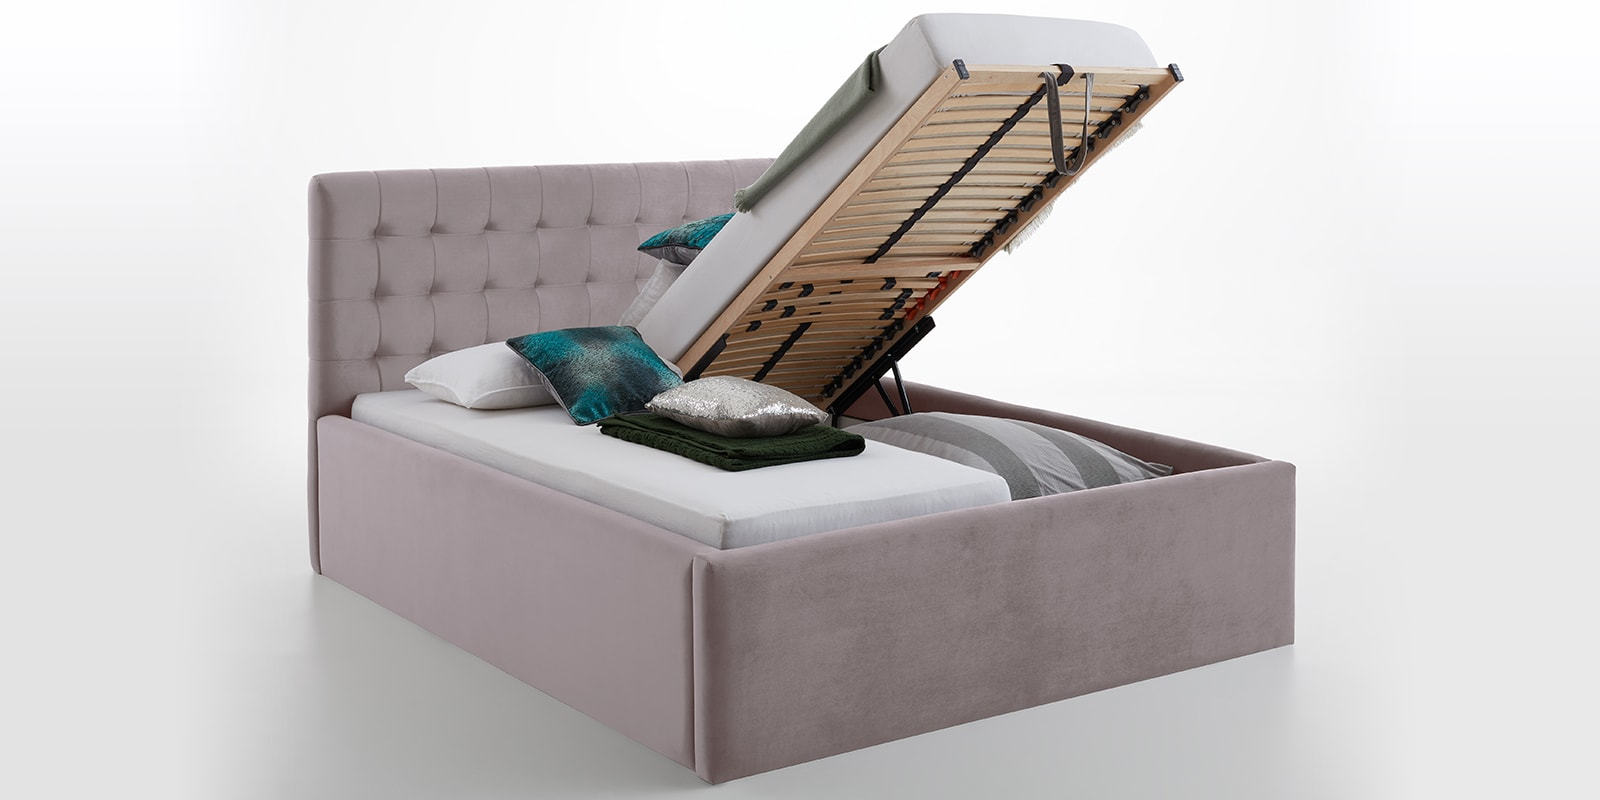 Moebella24 - Bett - mit - Bettkasten - Molly - Smaragd - Rose - XXL-Bettkasten - Bettkasten - und - Lattenrost - vormontiert - Kopfteil - mit - Steppungen